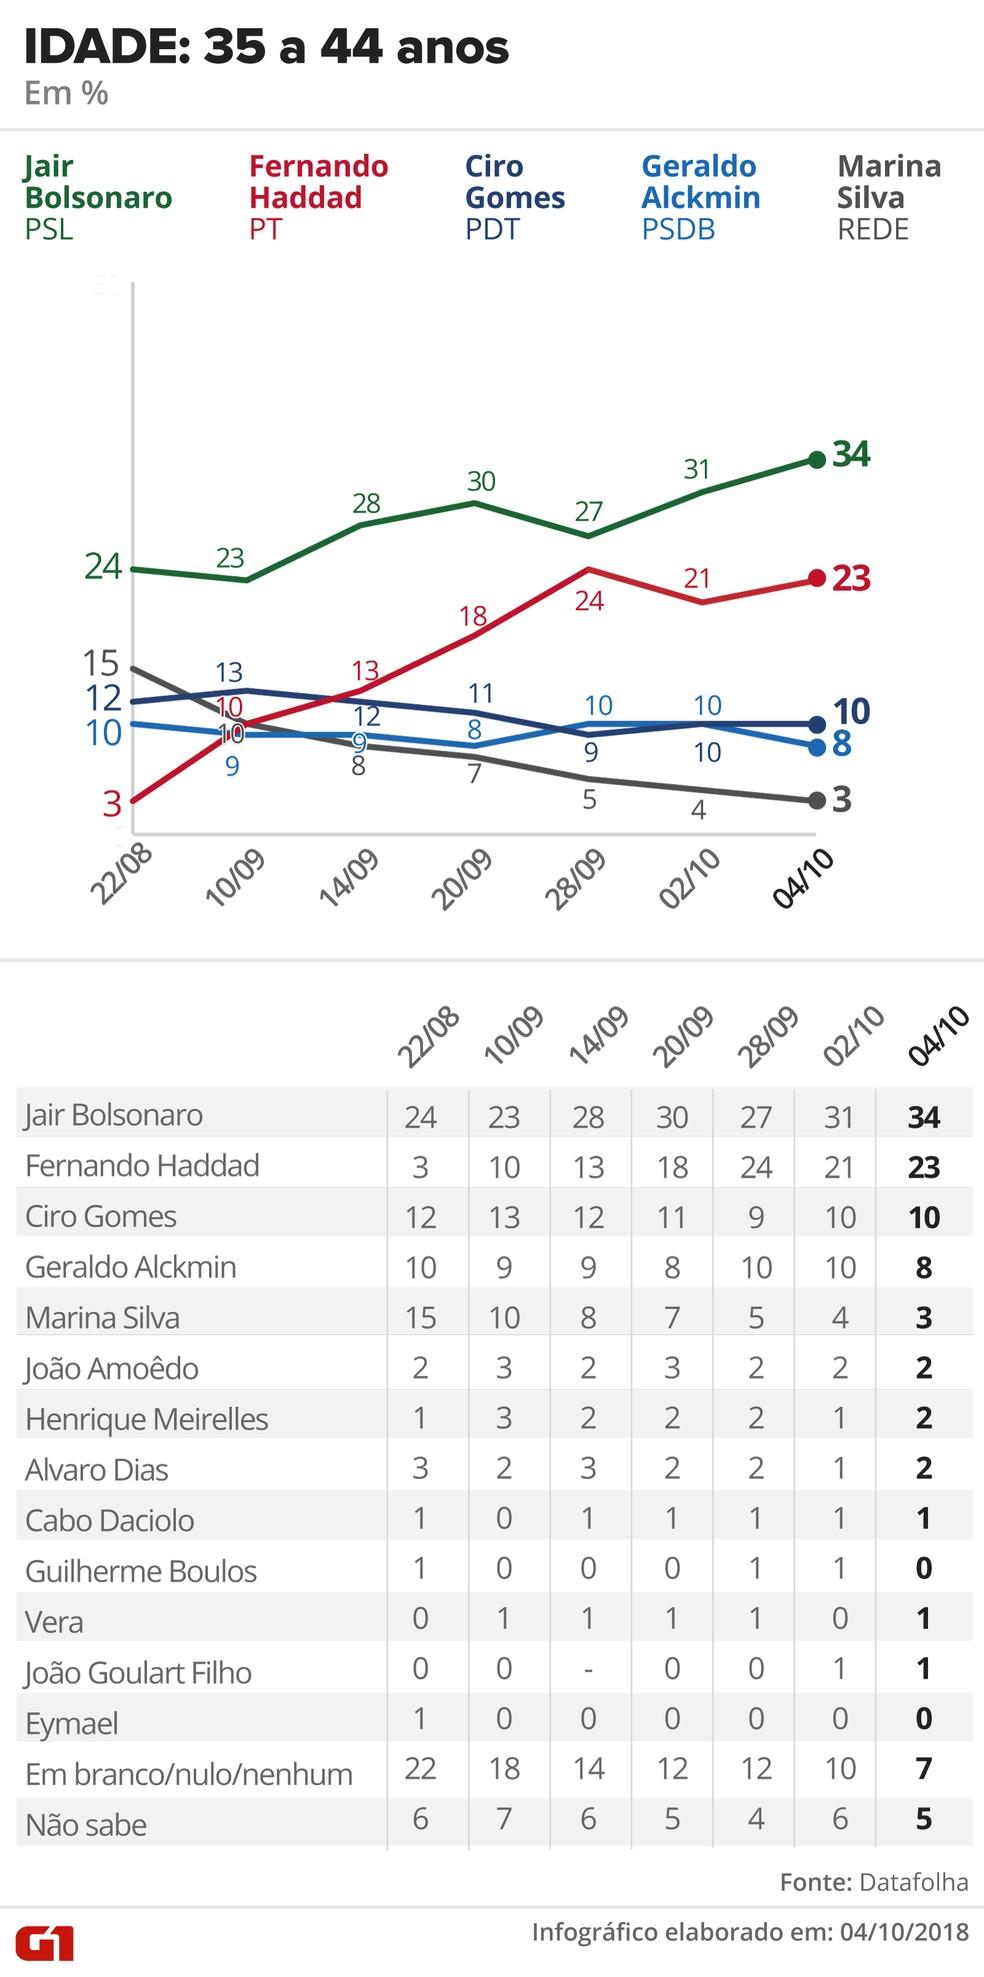 Pesquisa Datafolha - 4 de outubro - intenção de voto por segmentos - idade: 35 a 44 anos — Foto: Arte/G1